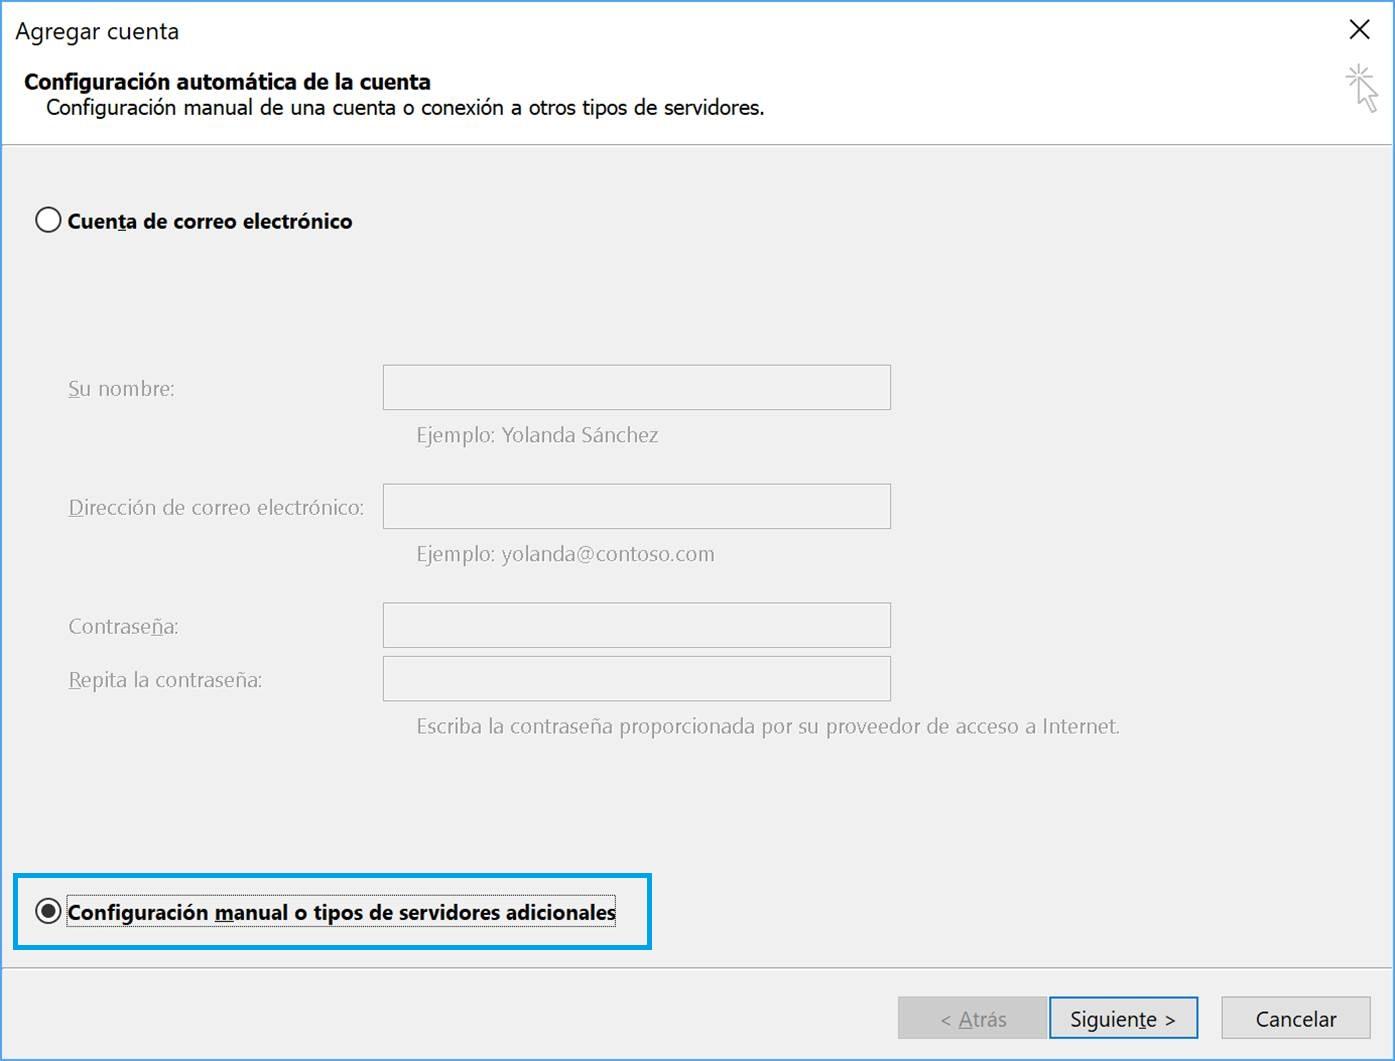 Configuración manual de la cuenta Outlook 2016